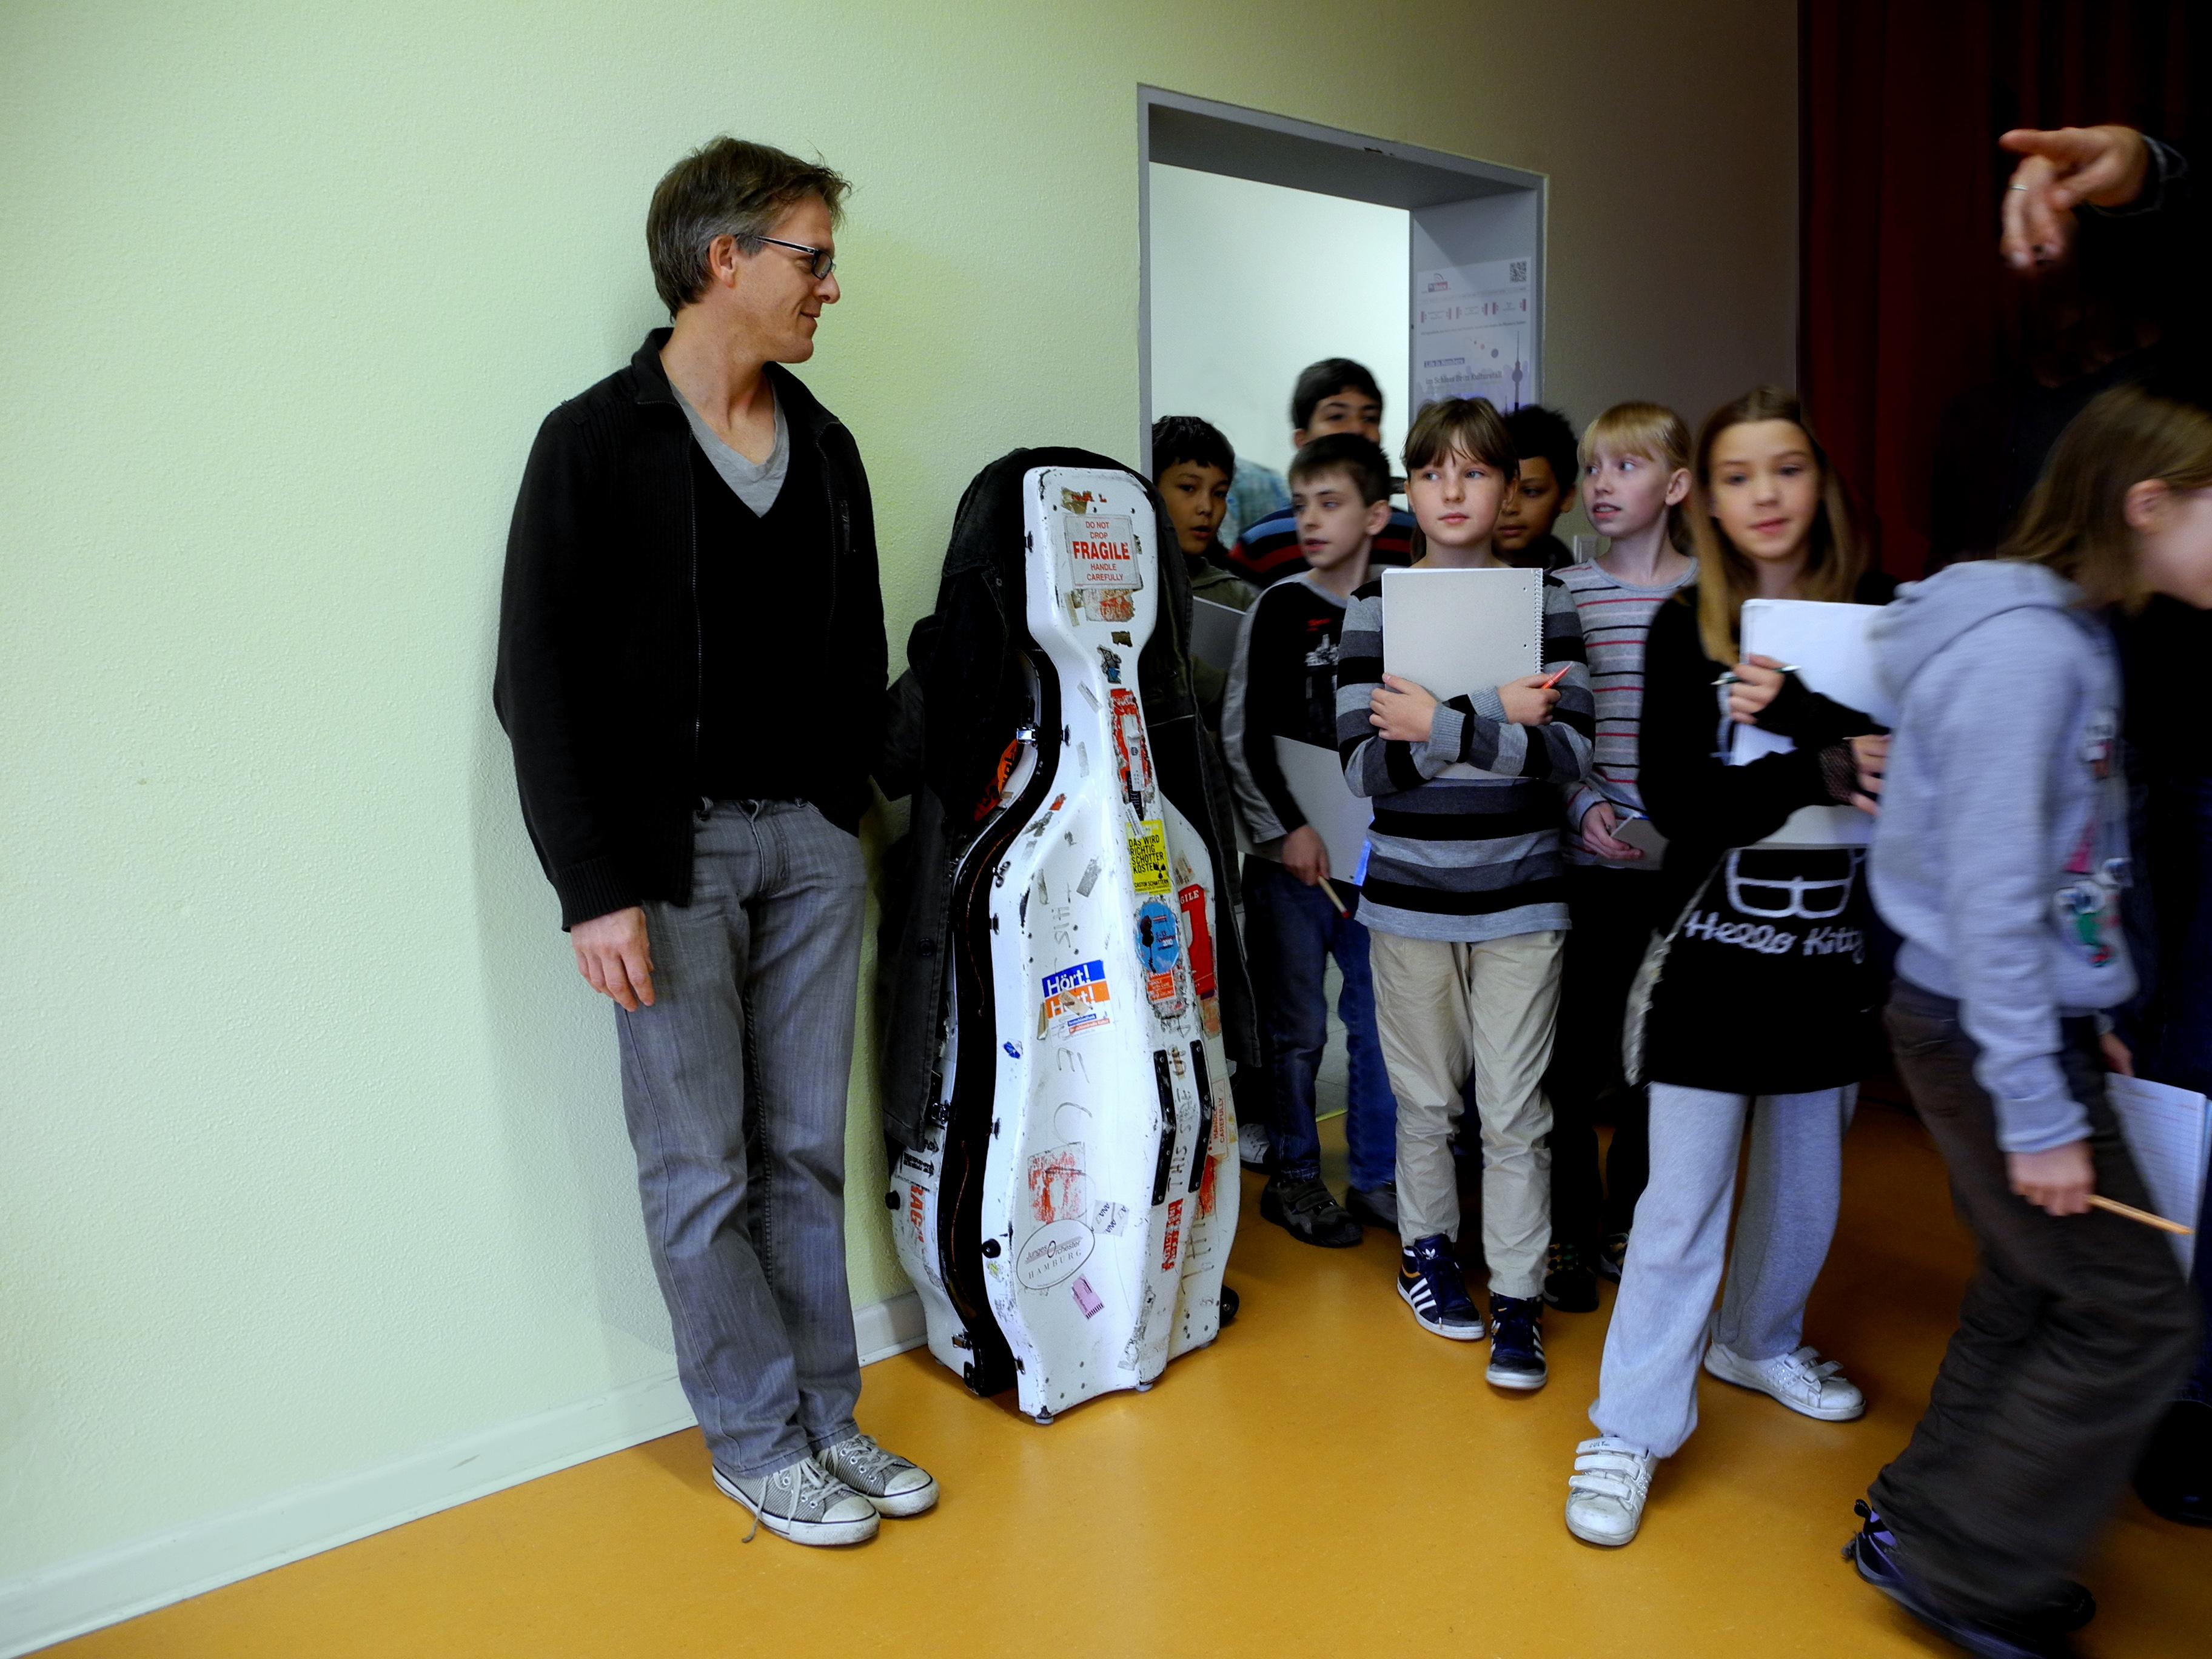 at the Evangelische Schule Neukölln ESN